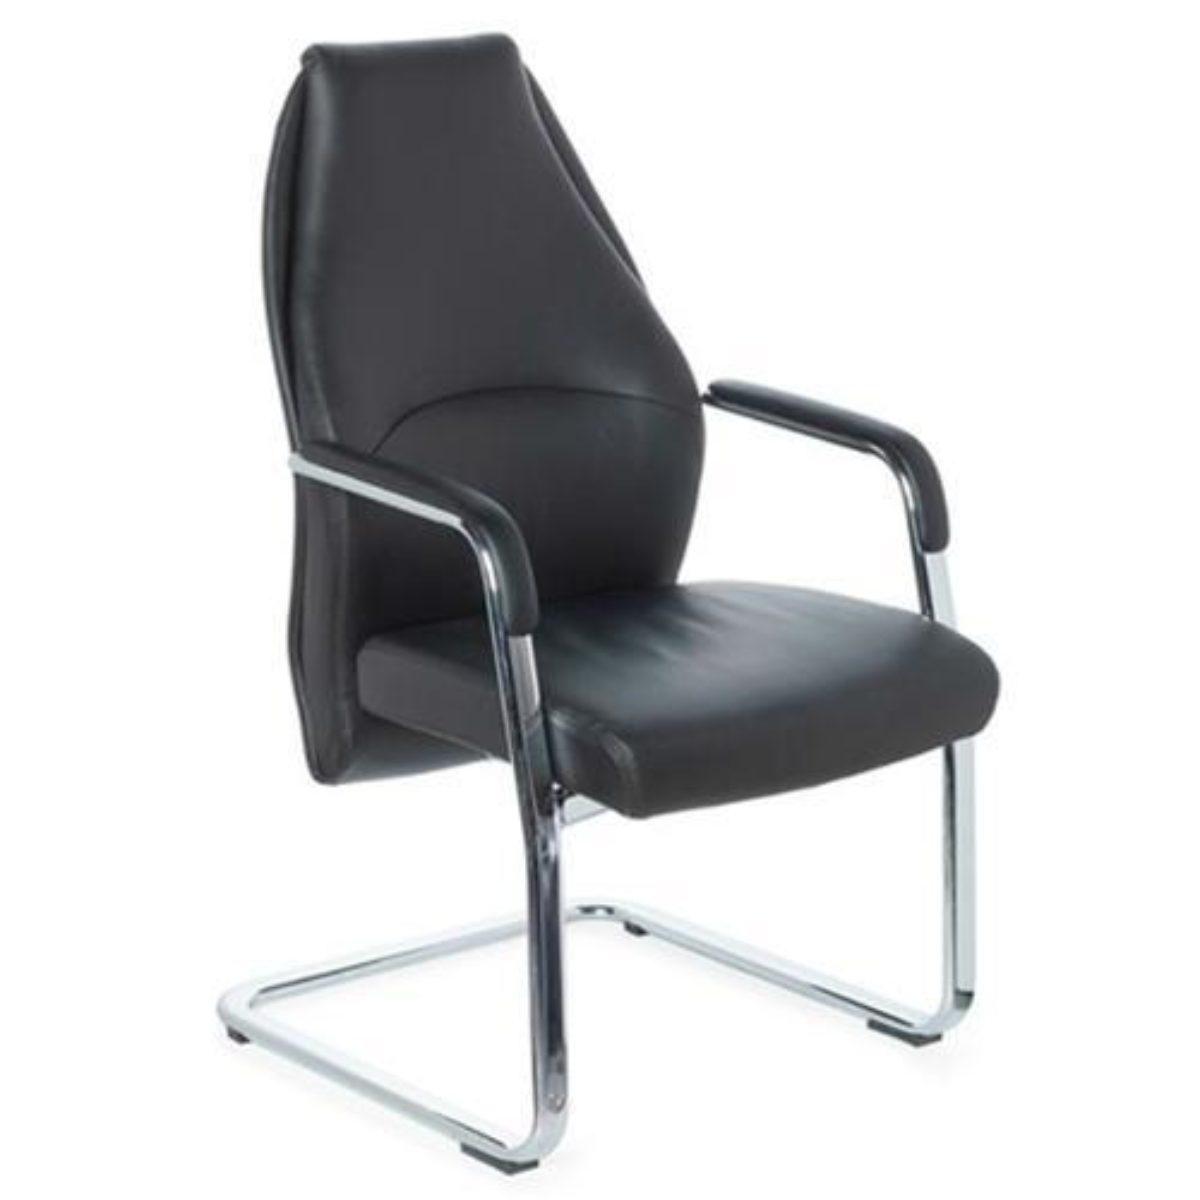 Postazione Ergonomica Per Computer vantaggi e svantaggi di una sedia per scrivania senza ruote